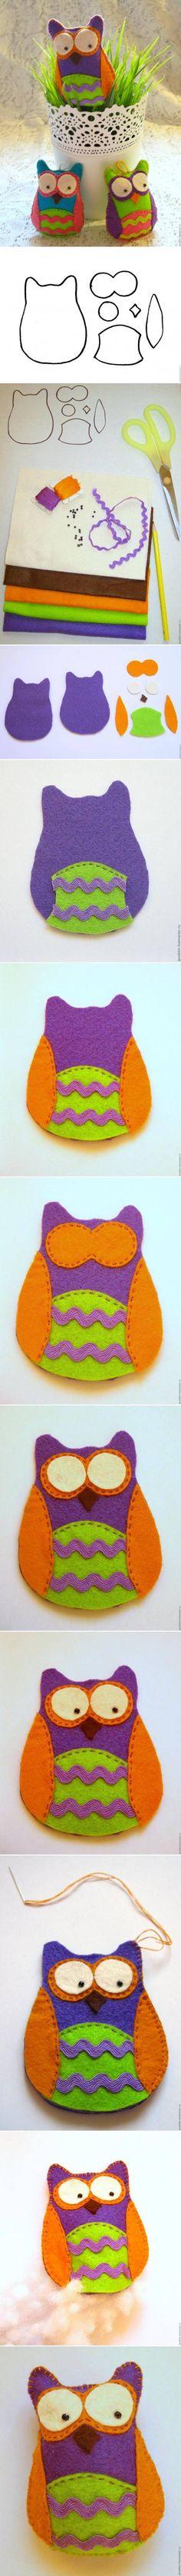 Artes com Capricho: Coruja de tecido-PAP